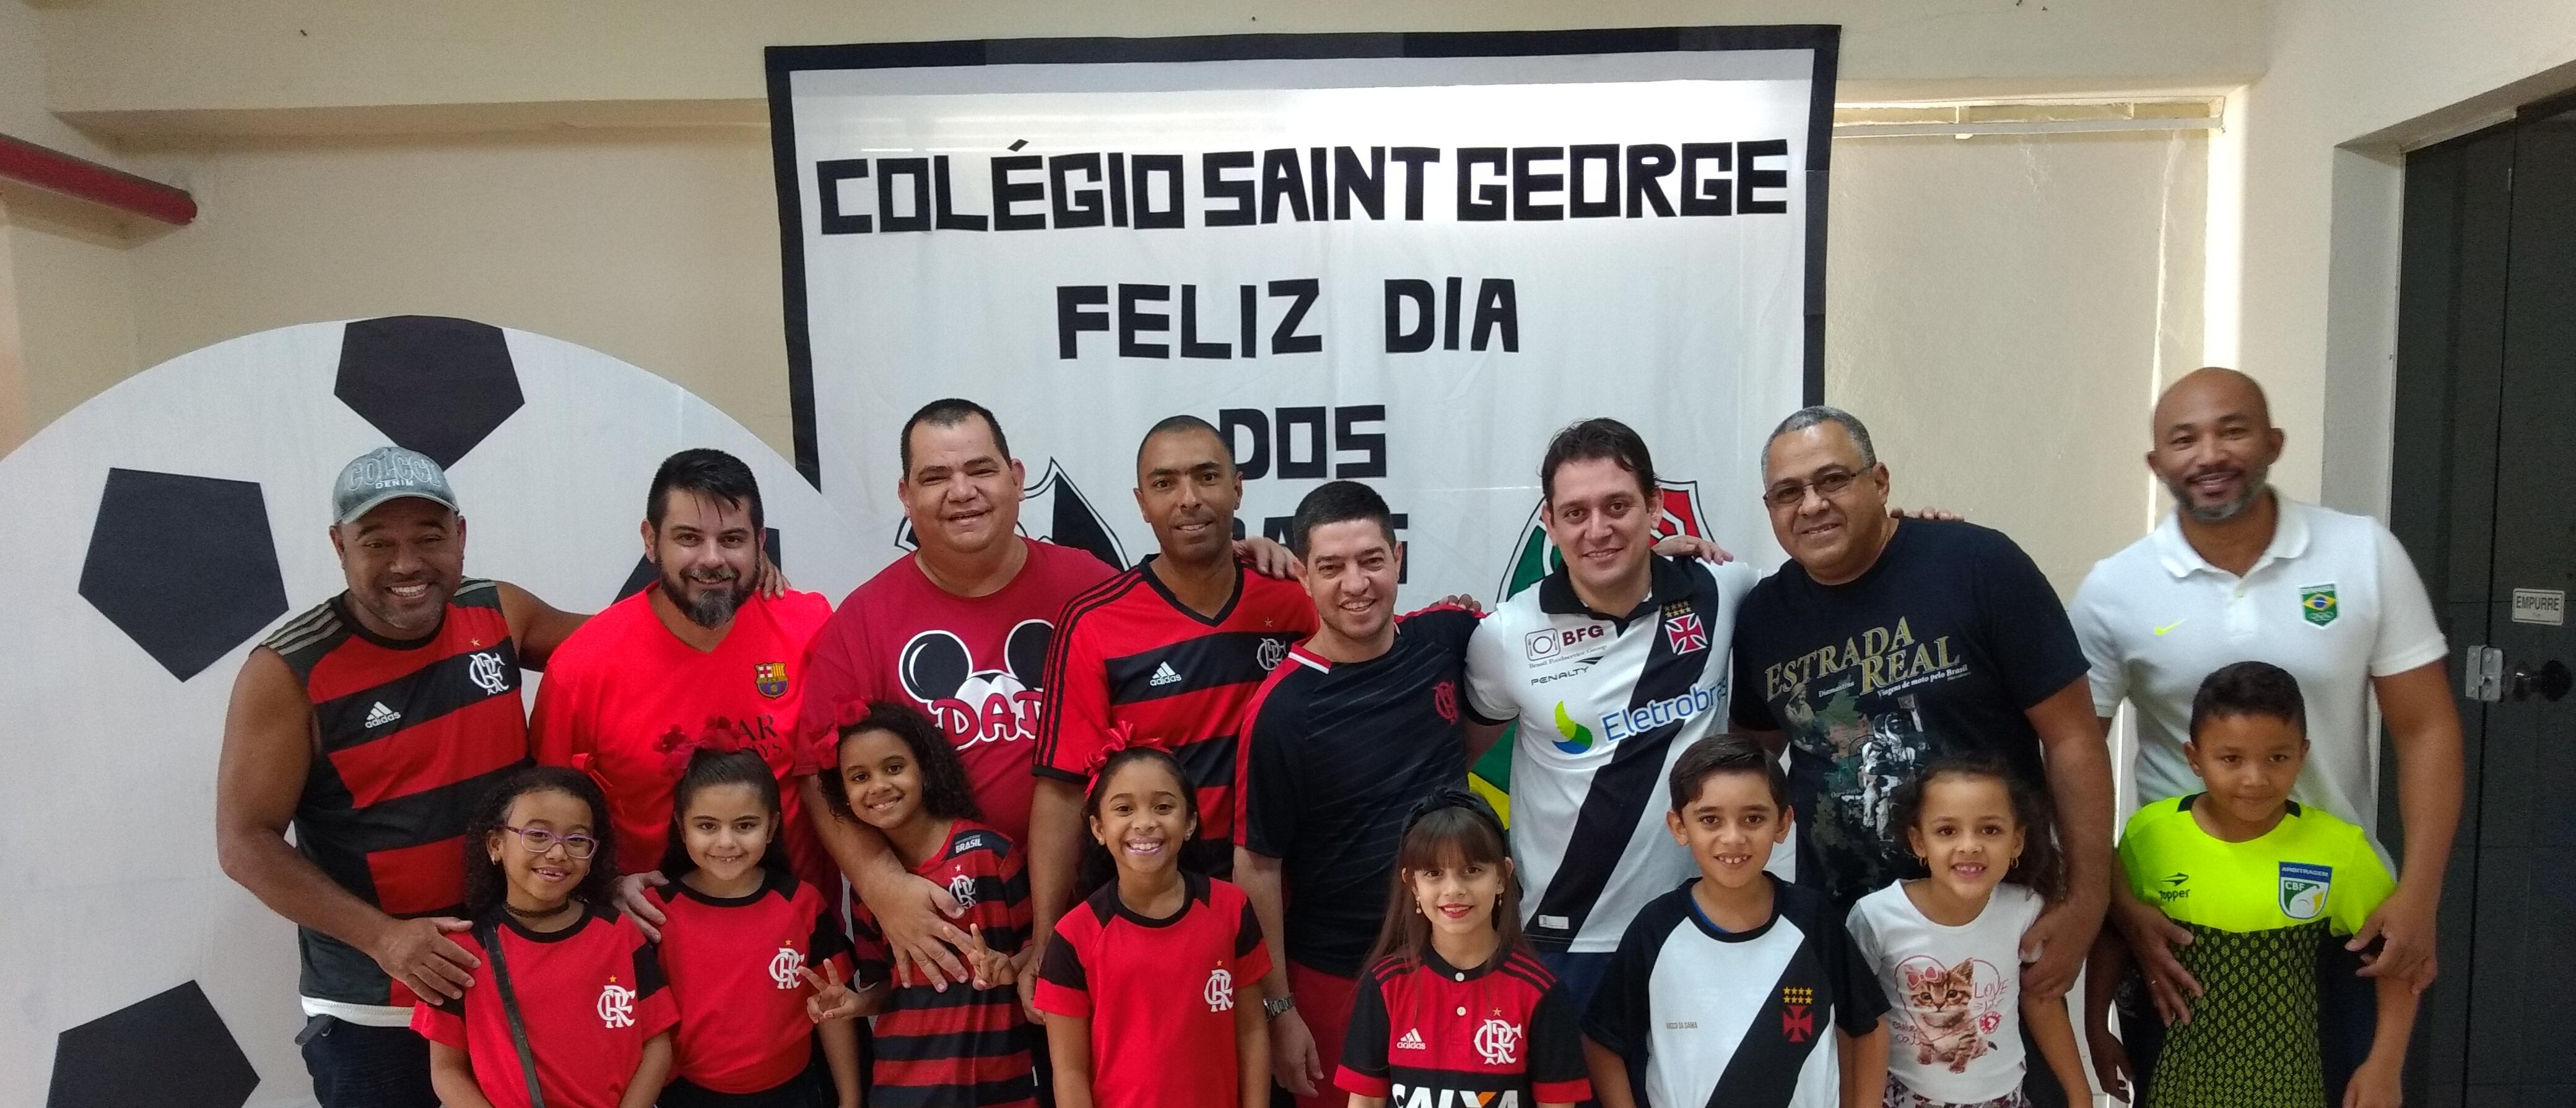 Dia dos pais – Saint George